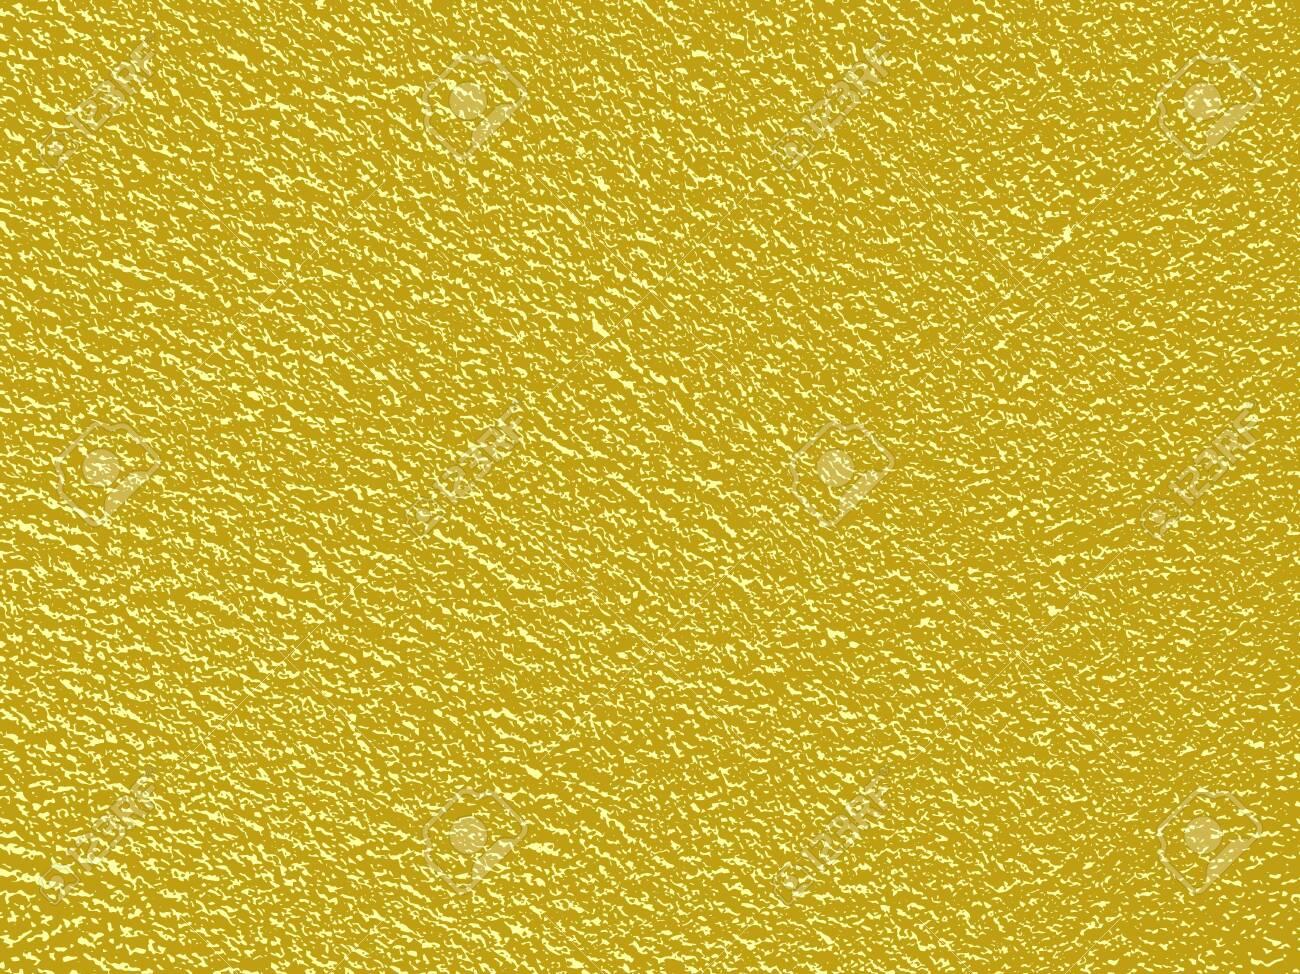 Vector metal texture - 134480885